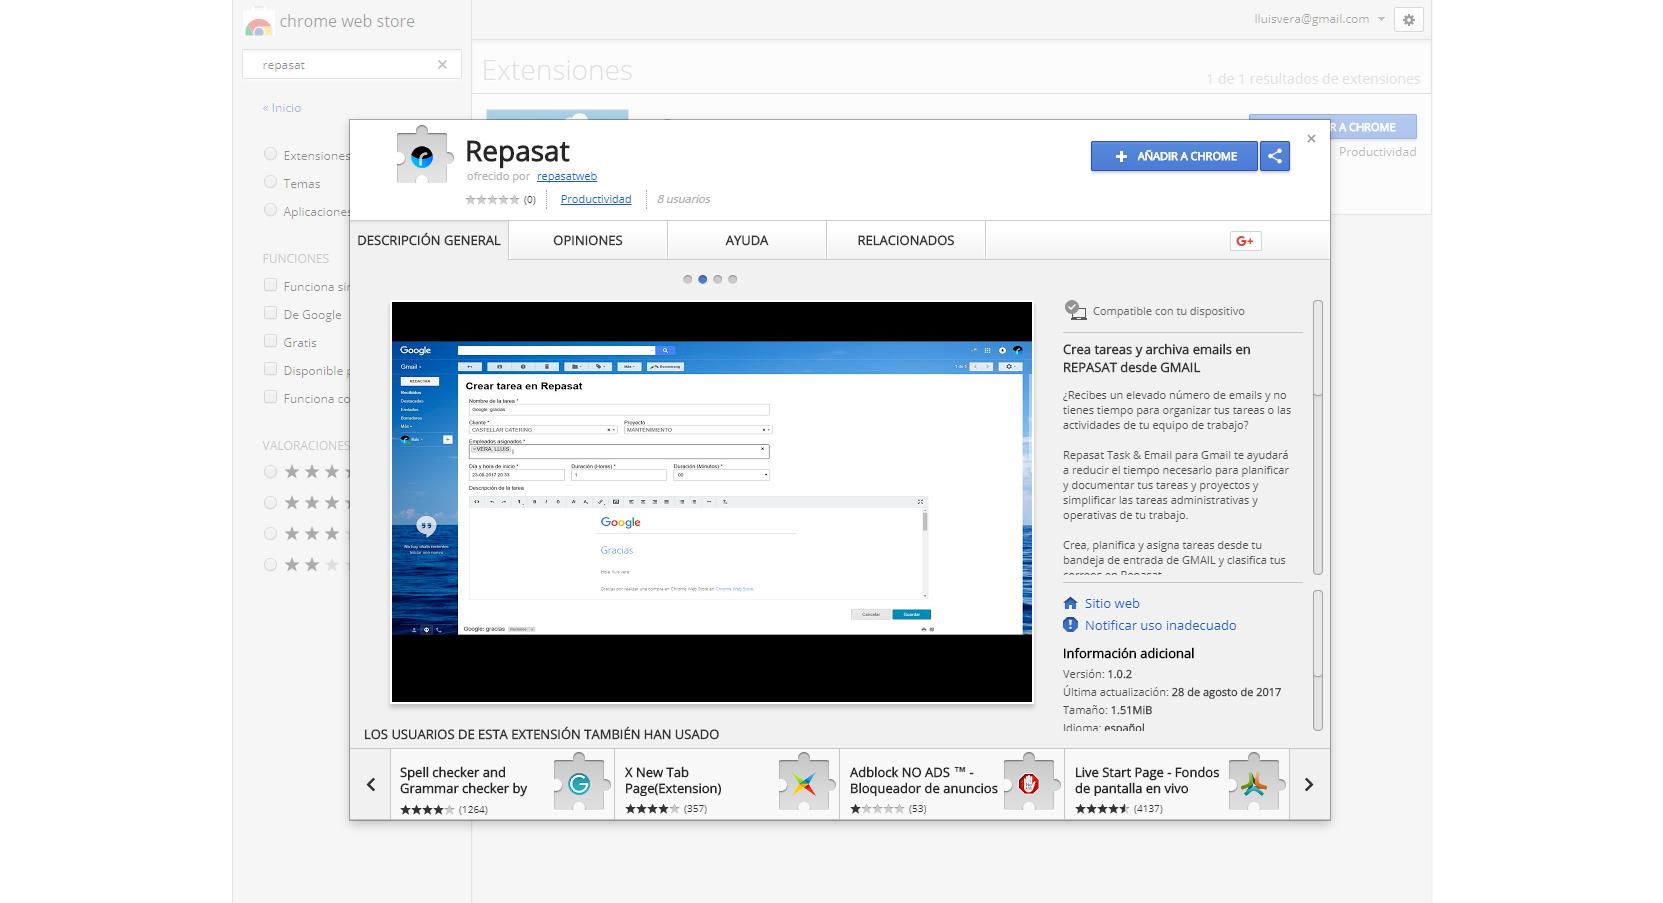 Repasat Integración CRM Gmail Chrome extension 1